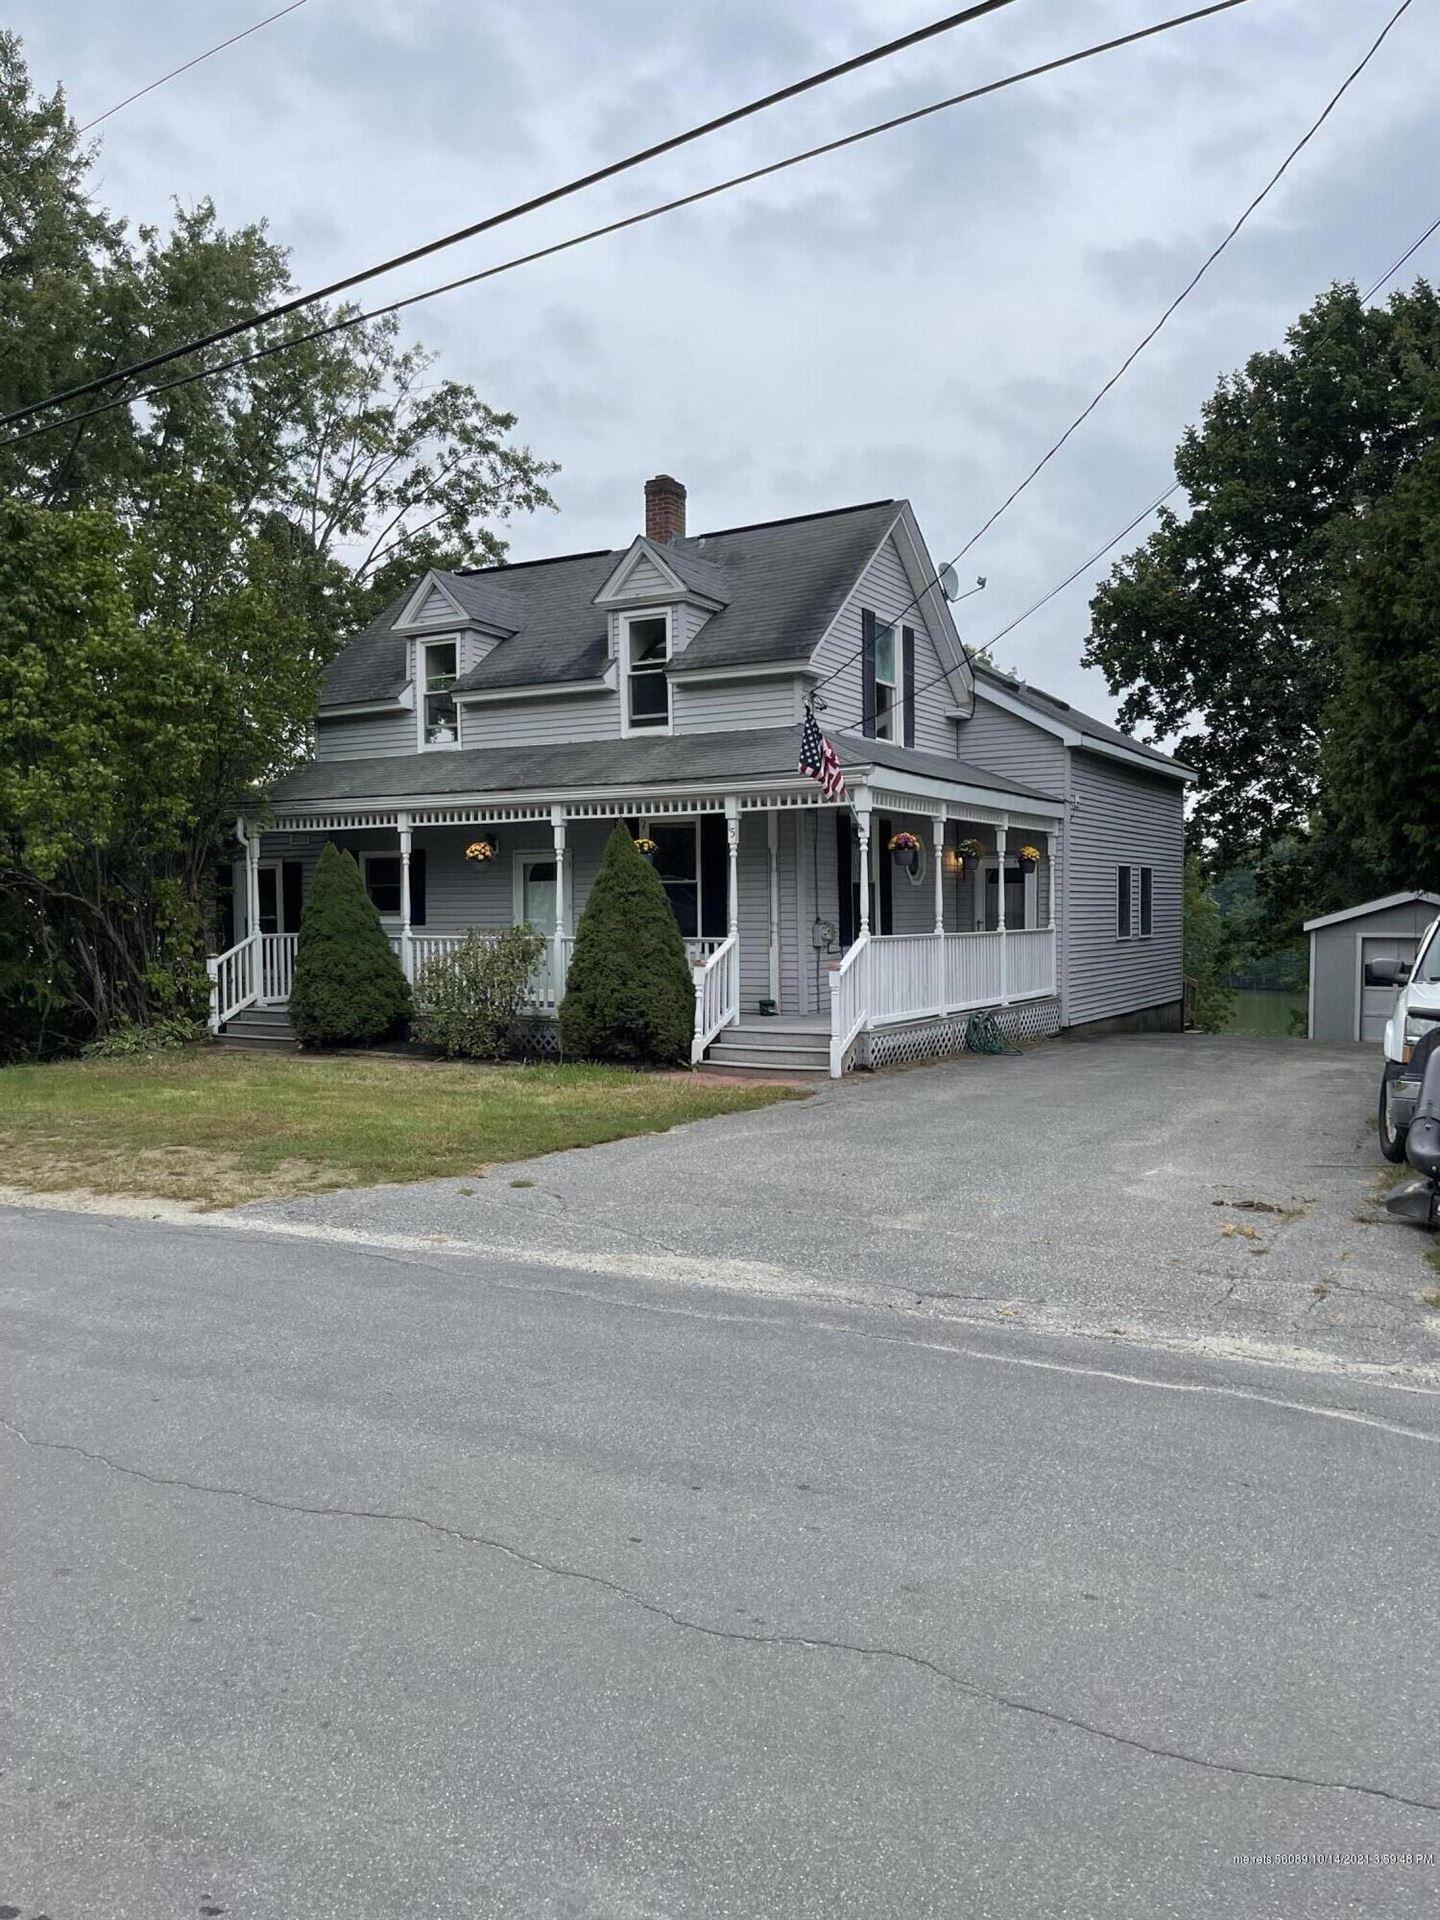 Photo of 15 Lake Street, Sabattus, ME 04280 (MLS # 1509689)